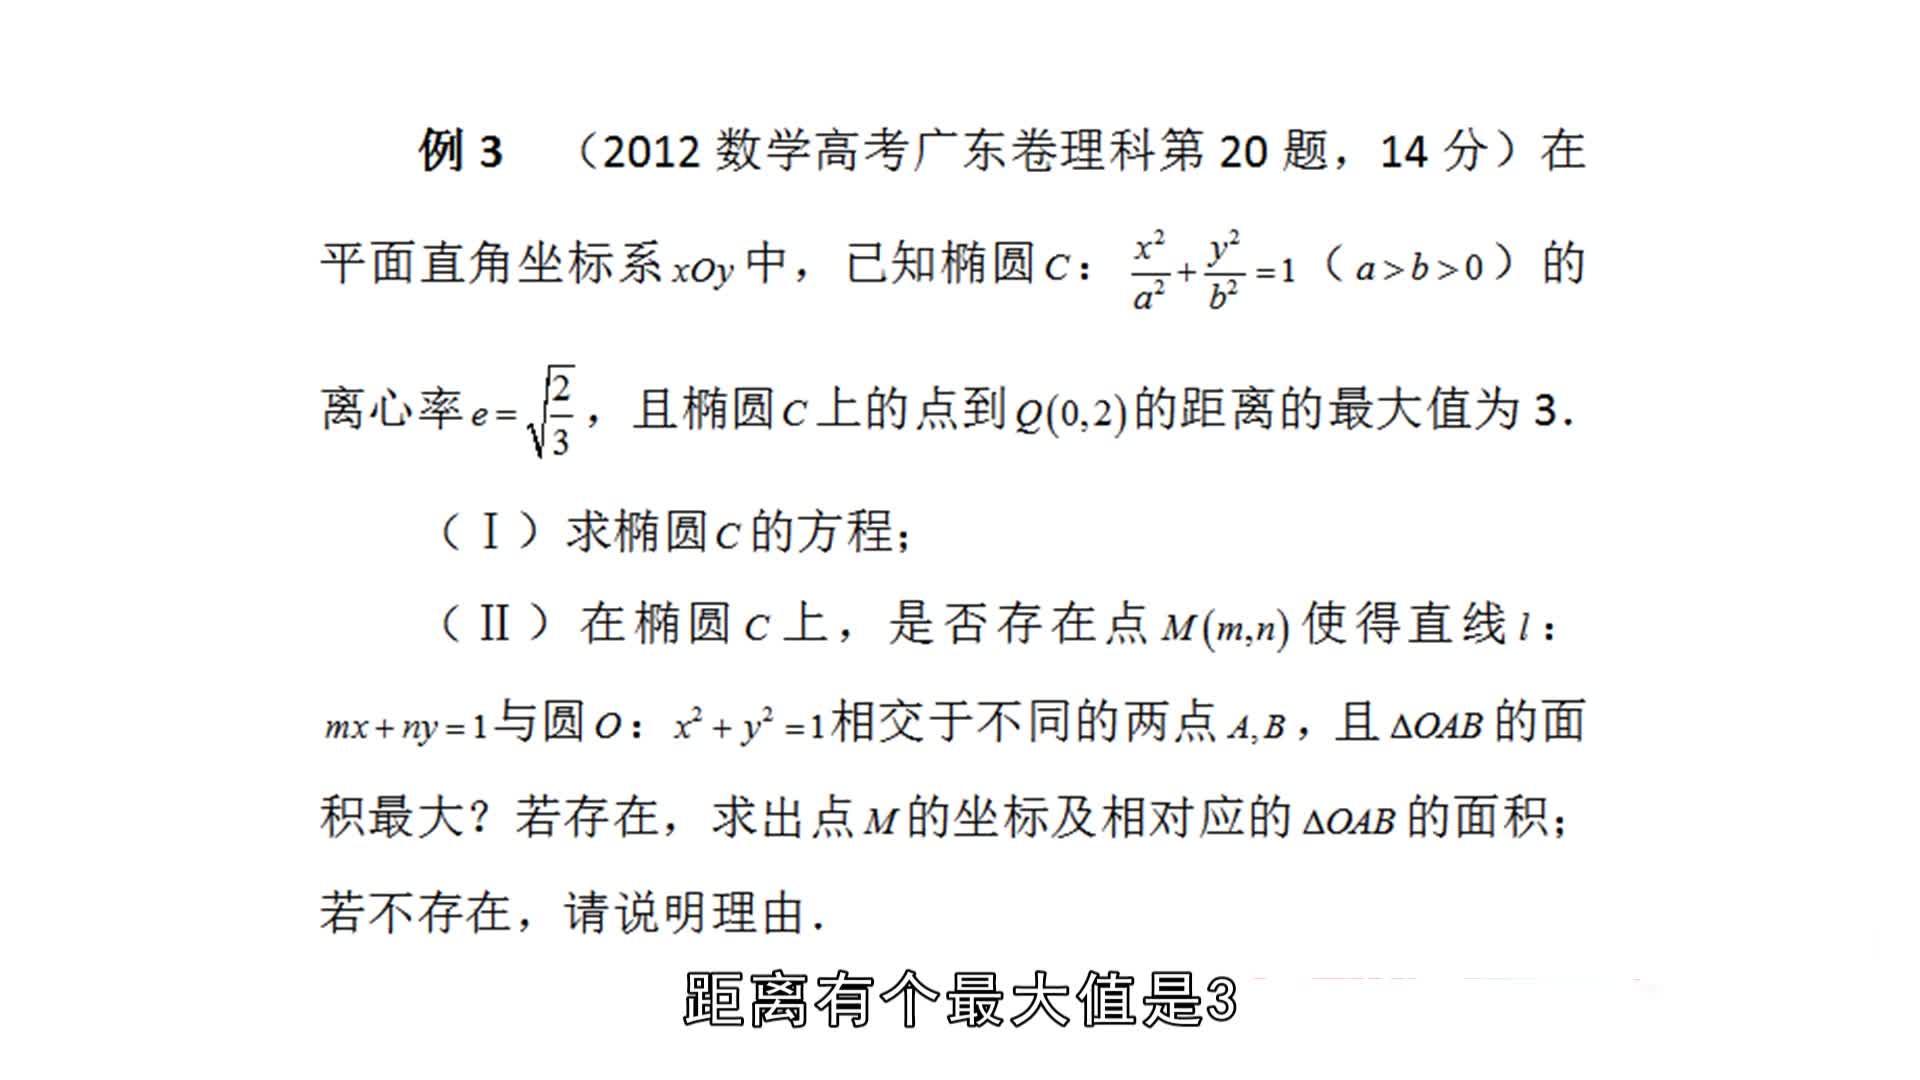 高考压轴题解题实战 5、圆锥曲线解答题——2012年广东卷理科第20题完整解答